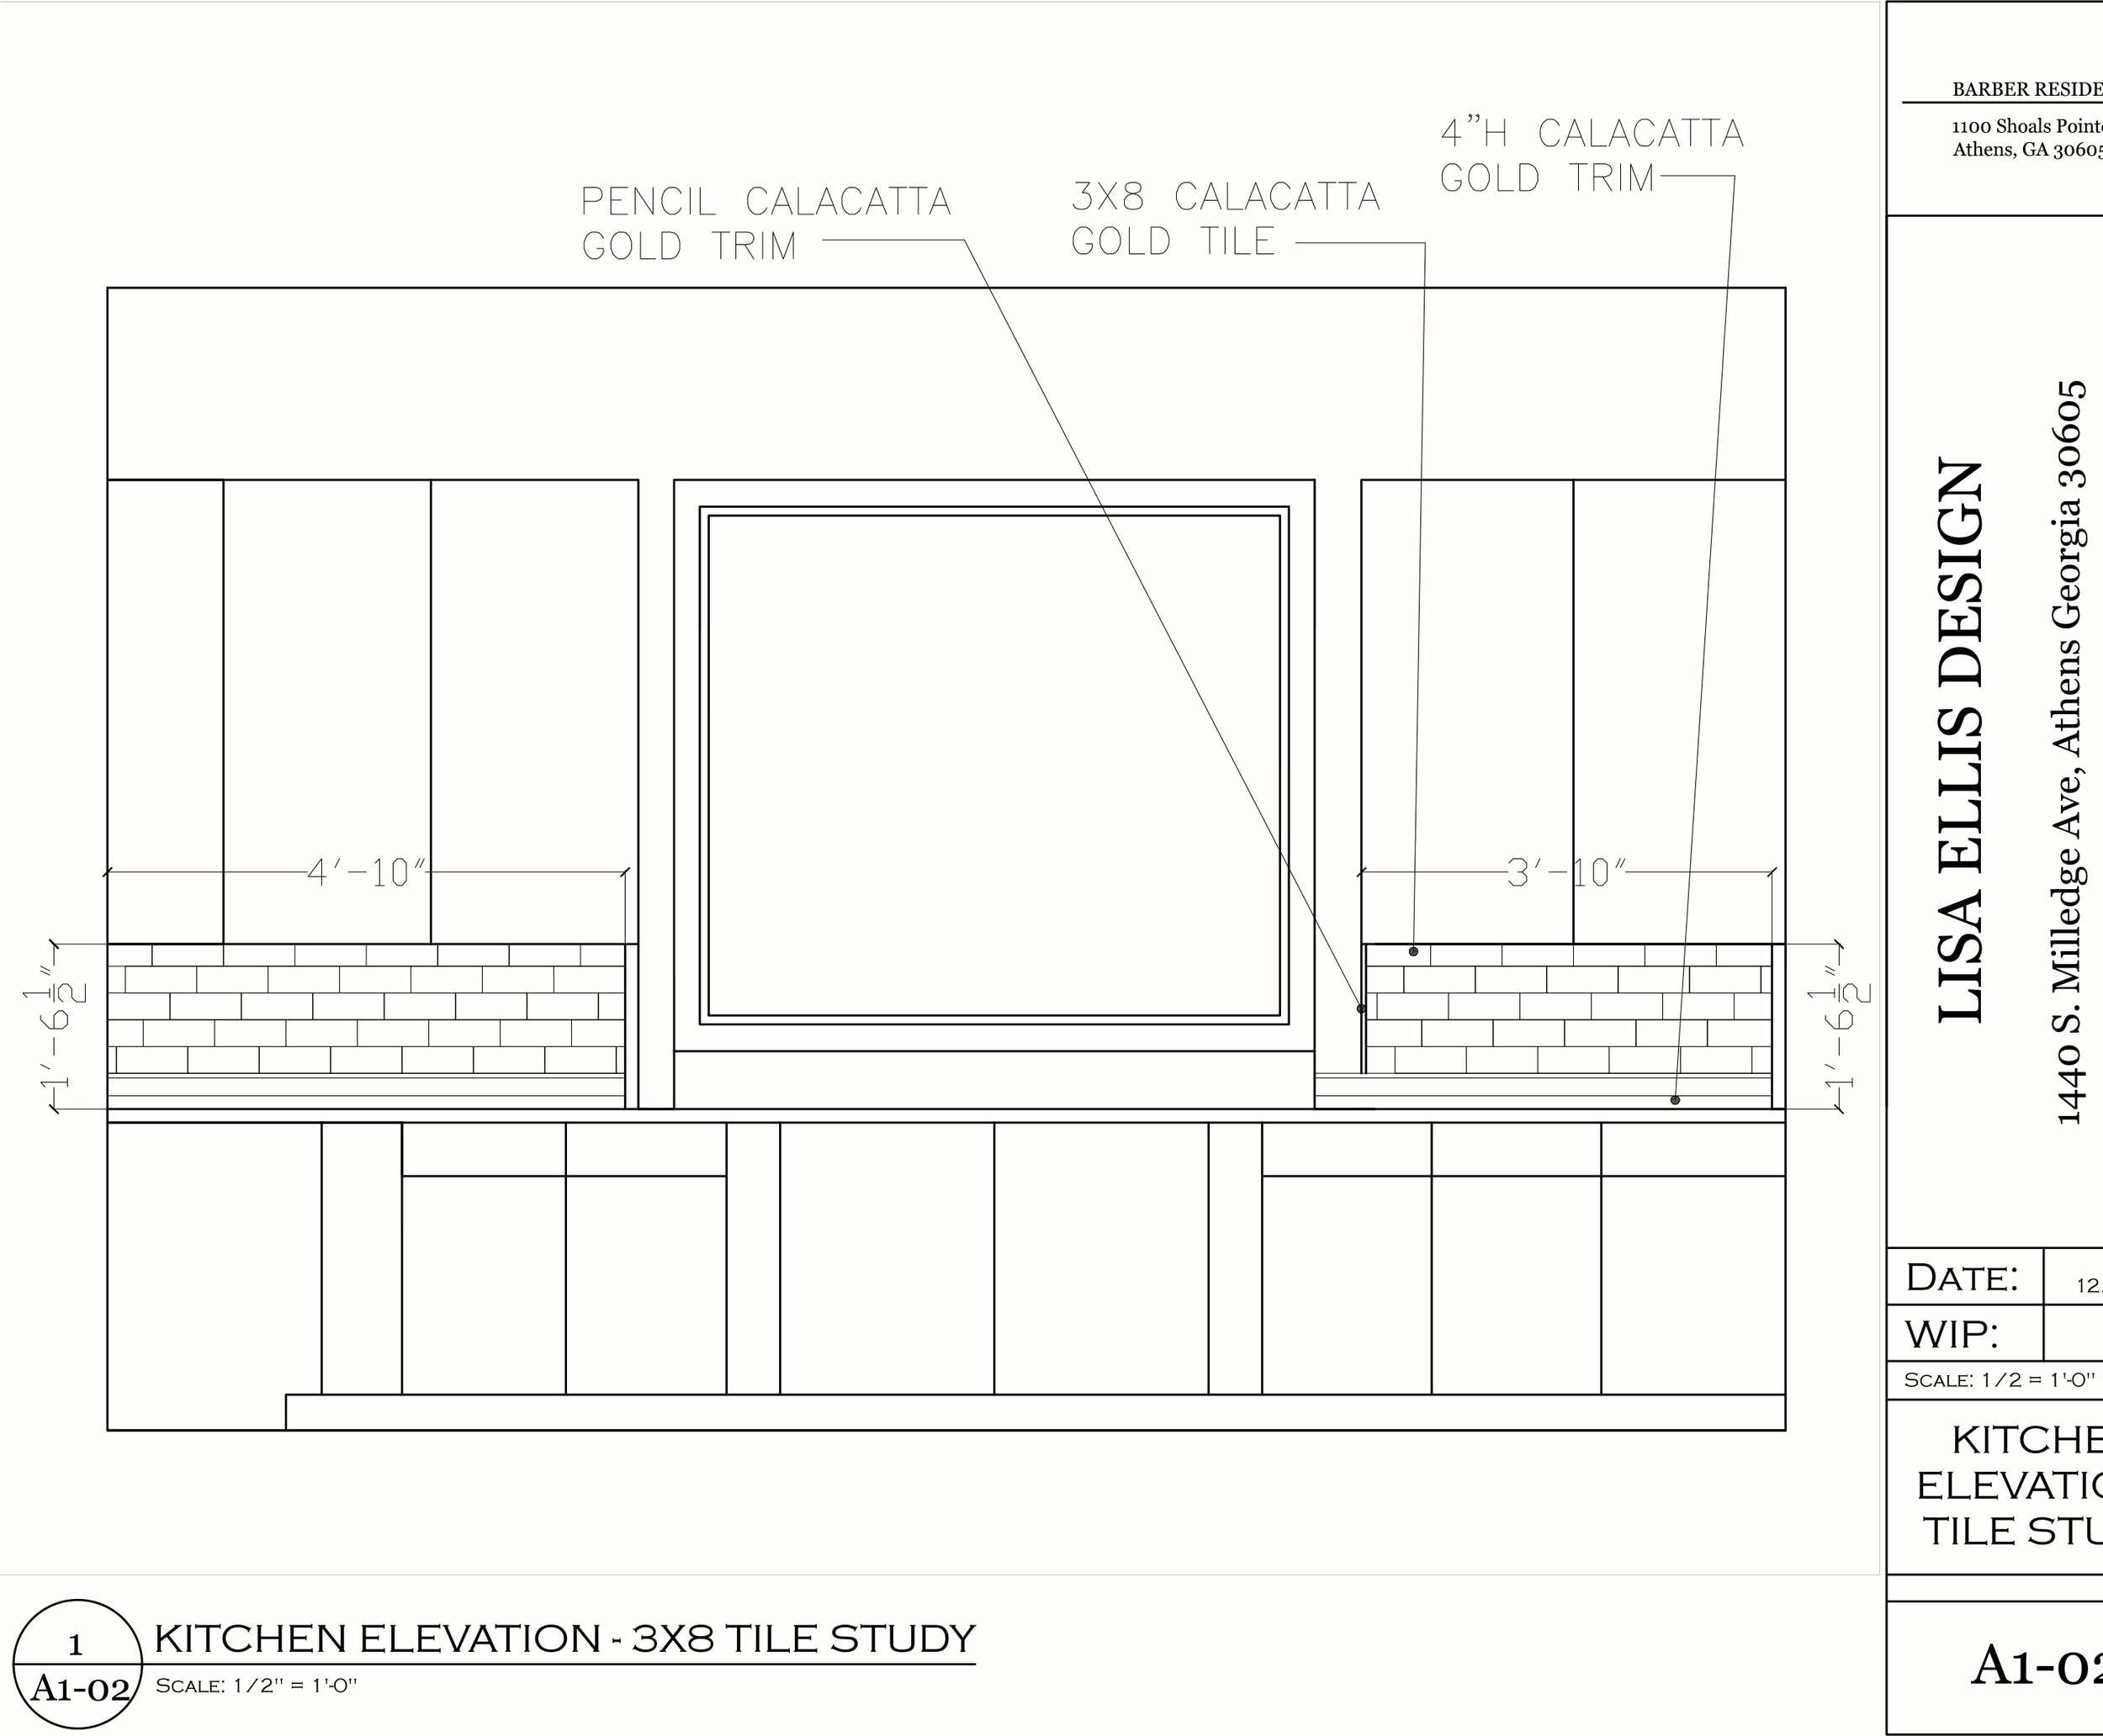 Barber_Kitchen Tile Elevations2_WIP8_121615.jpg